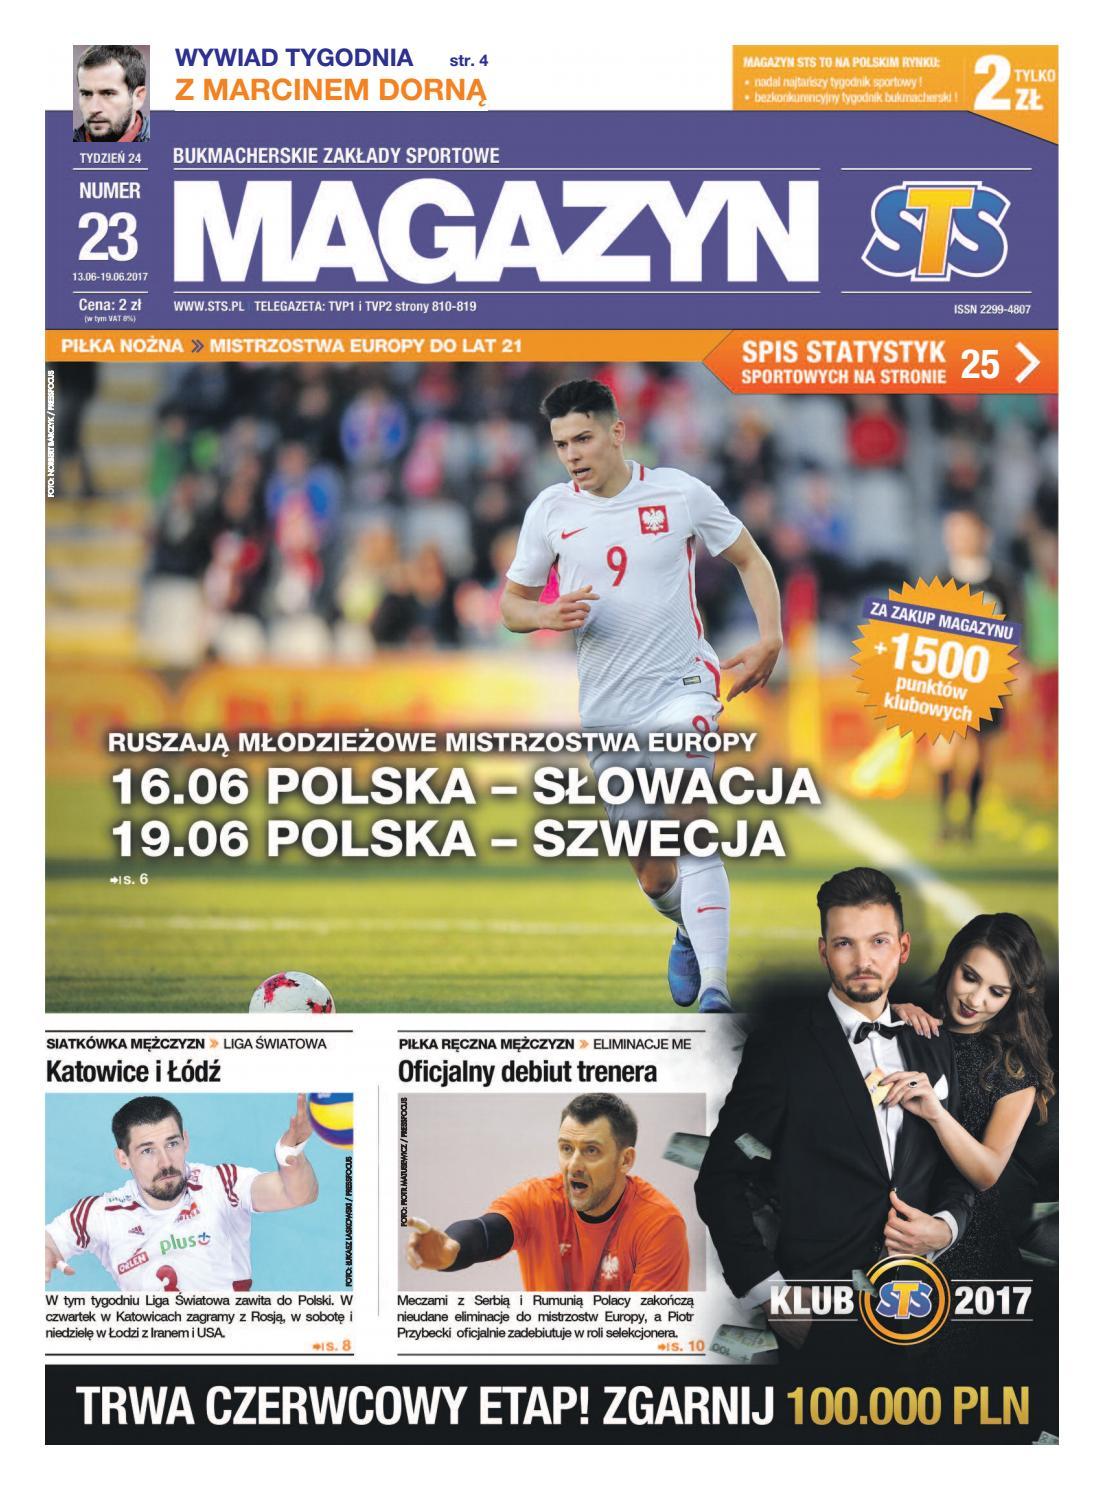 Luba liczy na Olkusz | Dziennik Polski